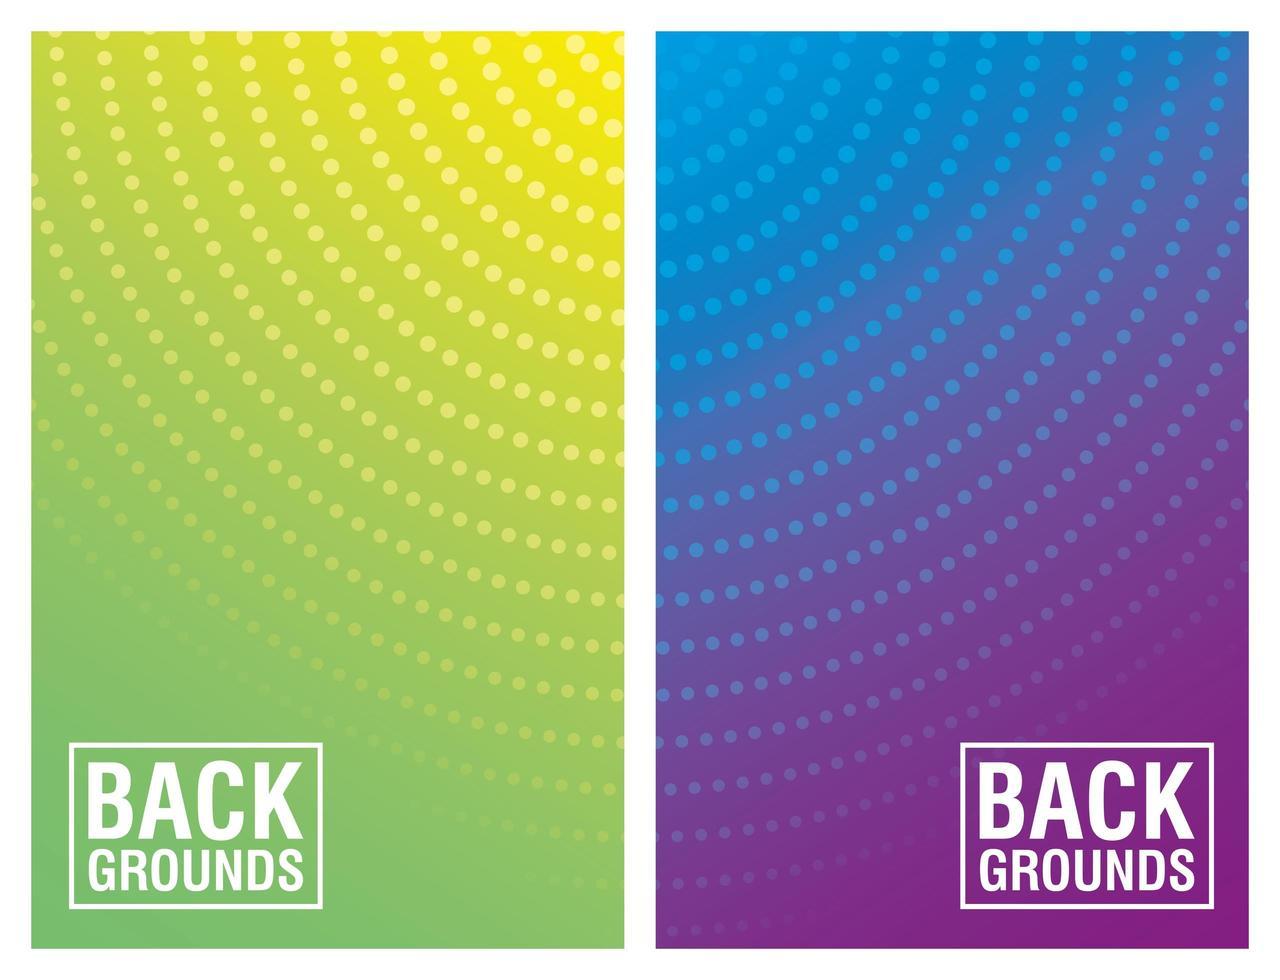 kleurrijke levendige abstracte achtergrond instellen vector